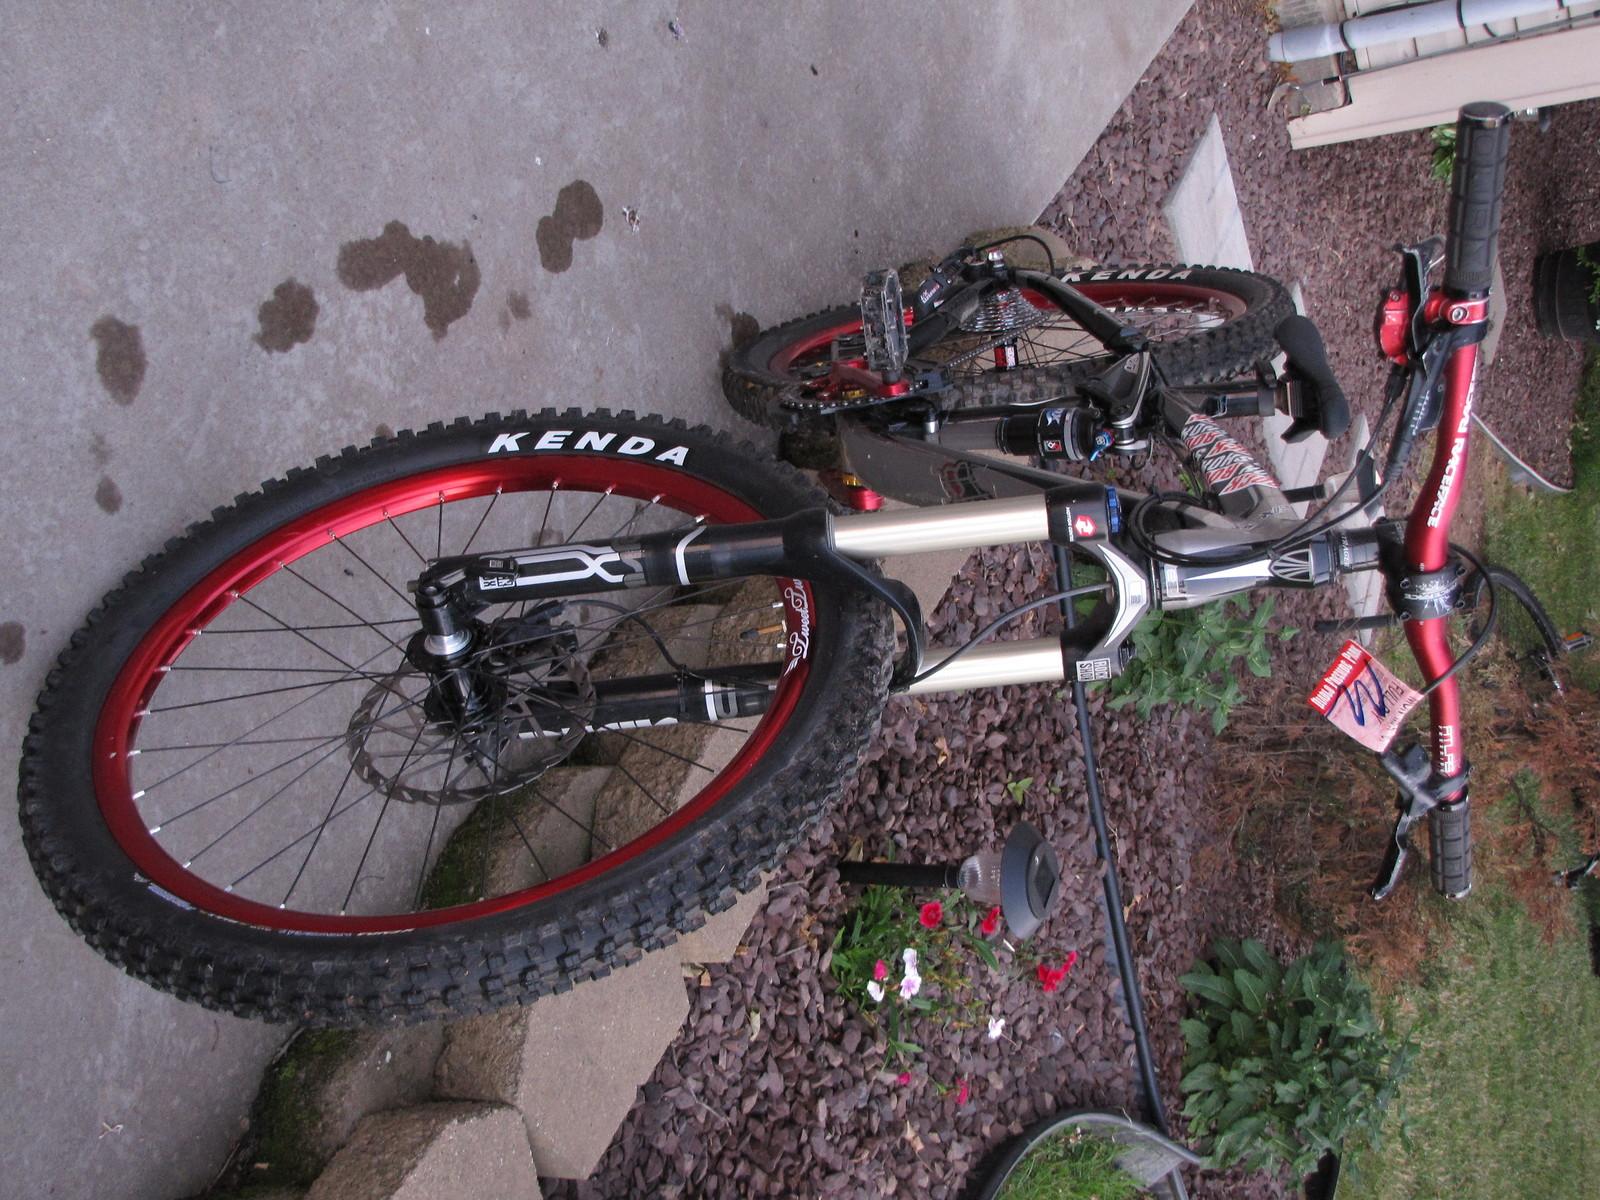 IMG_0591 - 2deuce2 - Mountain Biking Pictures - Vital MTB